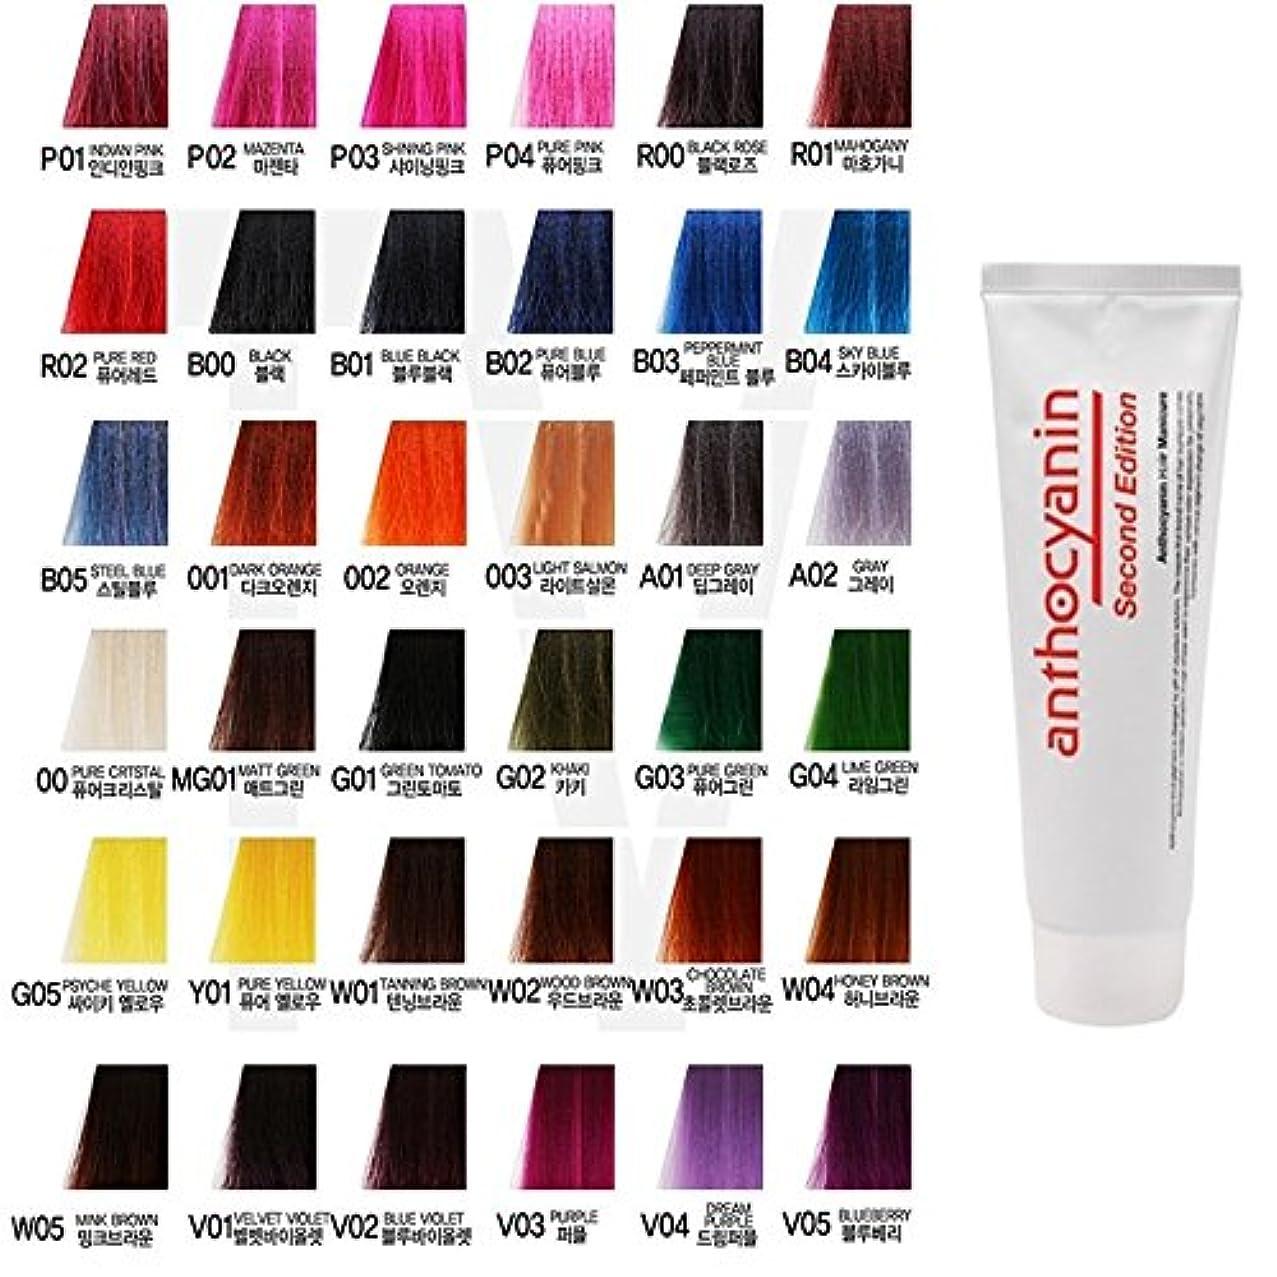 陸軍精神医学リファインヘア マニキュア カラー セカンド エディション 230g セミ パーマネント 染毛剤 ( Hair Manicure Color Second Edition 230g Semi Permanent Hair Dye) [並行輸入品] (004 Pure Crystal)